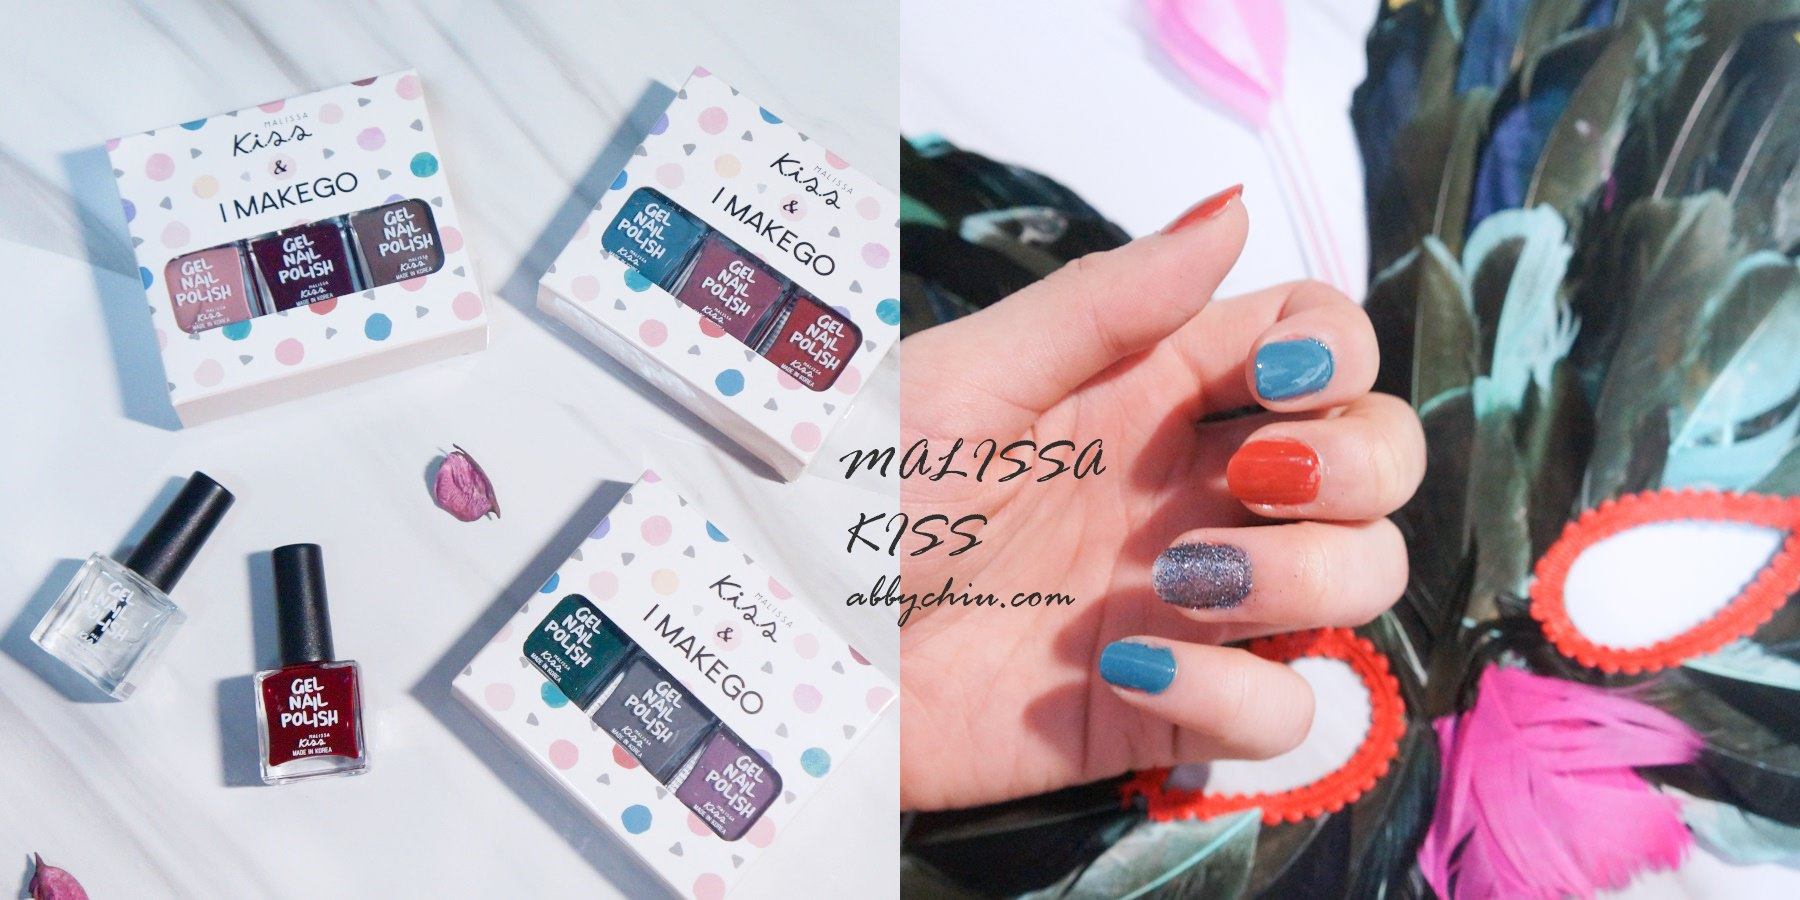 指甲油護甲油 | 在家輕鬆打造類光療指彩 ♥ MALISSA KISS 愛美購